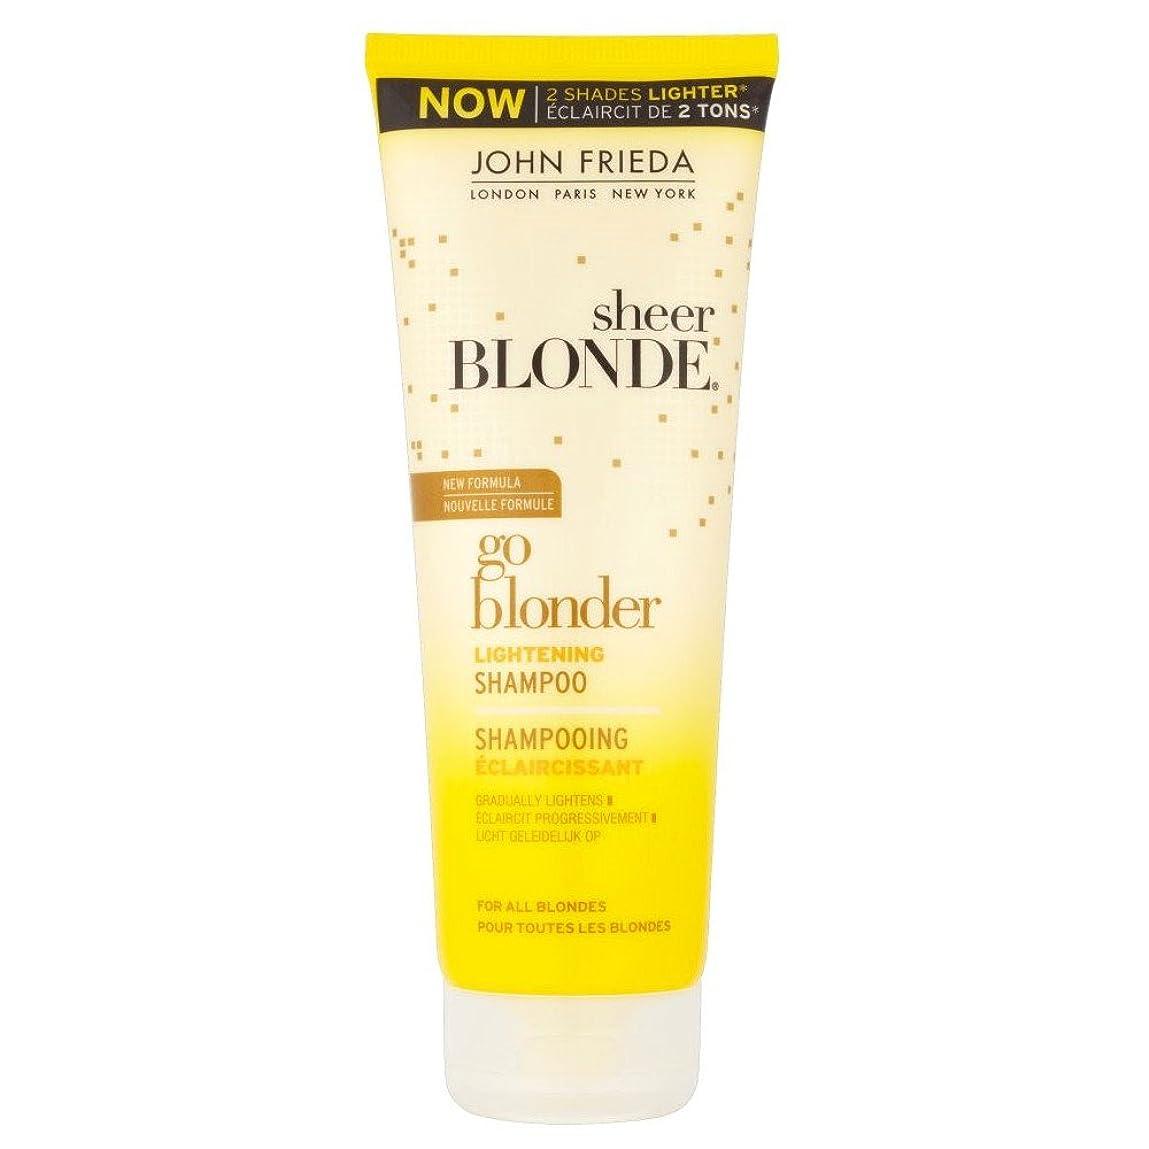 抱擁恵み誰John Frieda Sheer Blonde Go Blonder Shampoo (250ml) ジョン?フリーダ薄手のブロンド囲碁blonderシャンプー( 250ミリリットル) [並行輸入品]